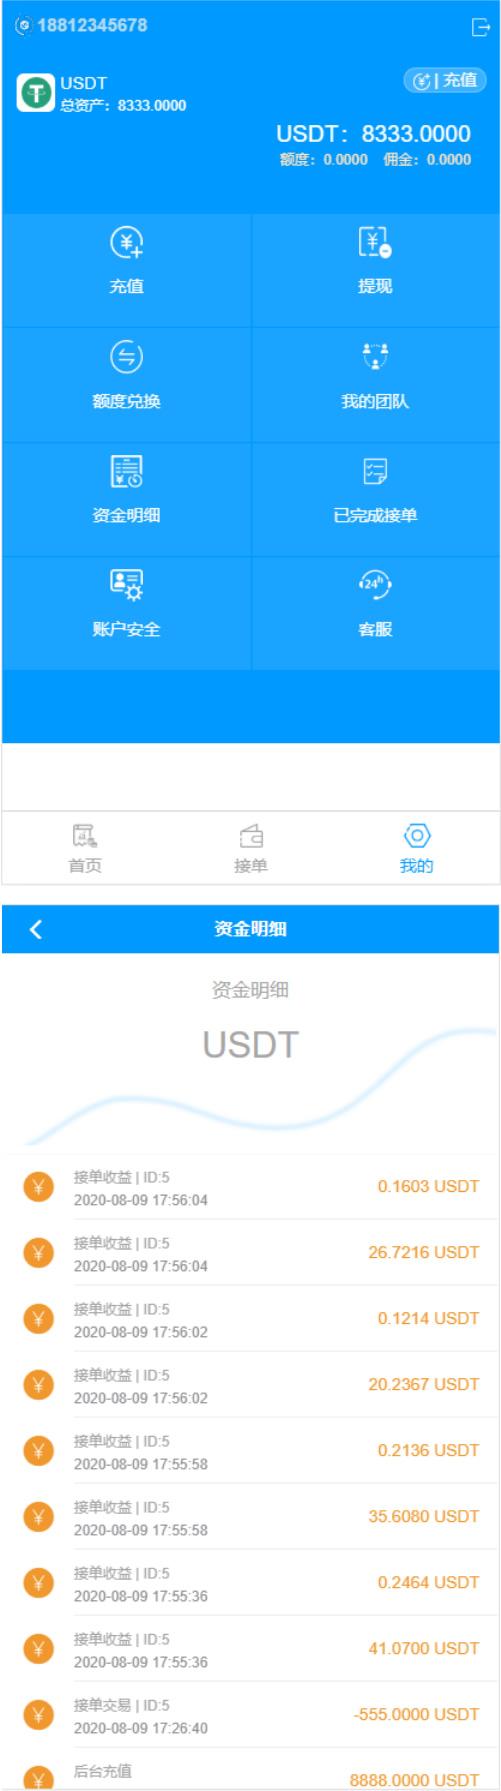 【亲测源码】8月最新更新usdt货币跑分二开系统otc接单+一键买币 第1张